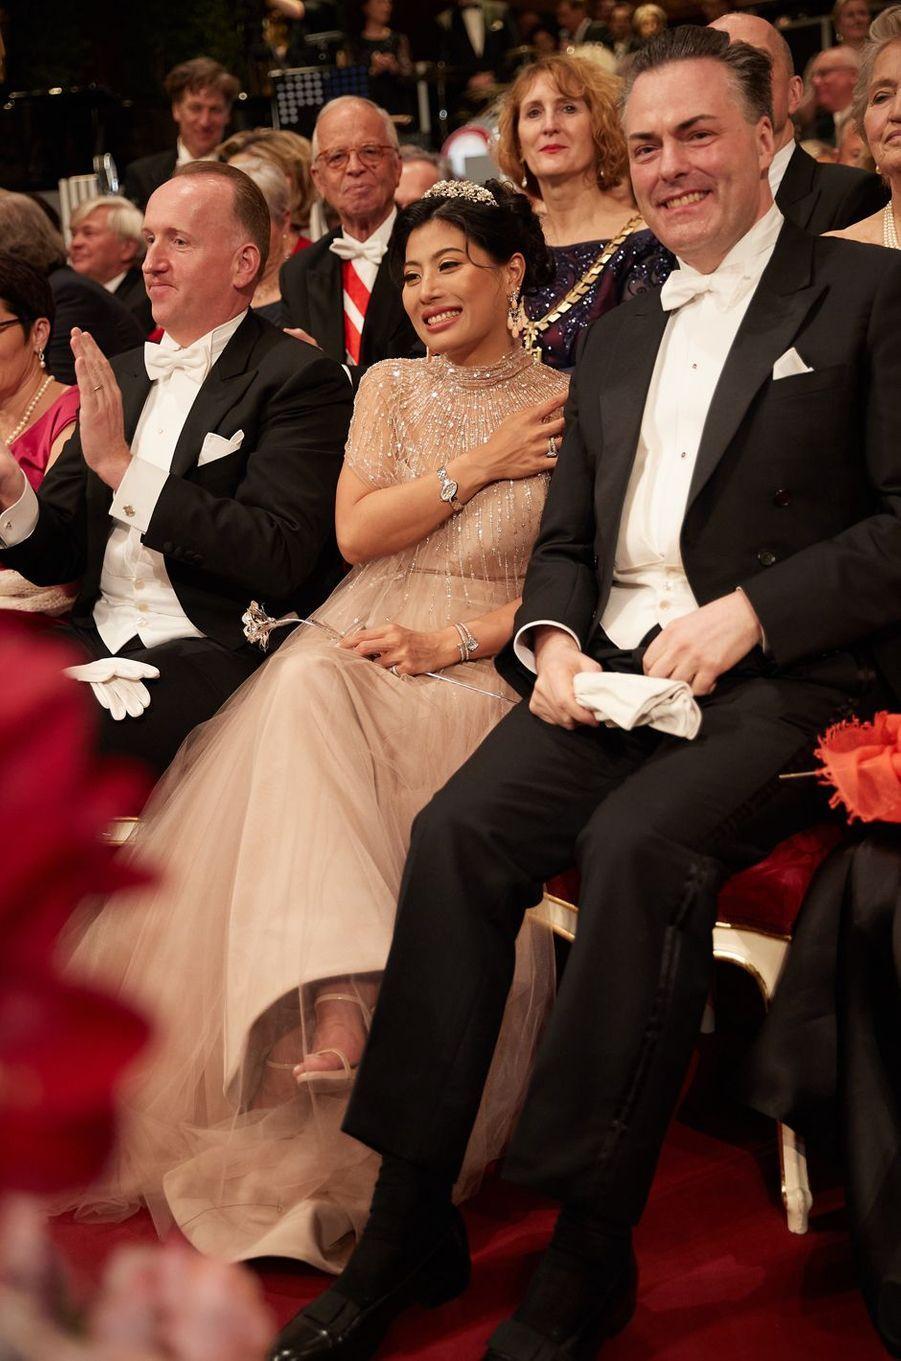 La princesse Sirivannavari Nariratana de Thaïlande avec le violoniste autrichien Daniel Froschauer à Vienne, le 23 janvier 2020